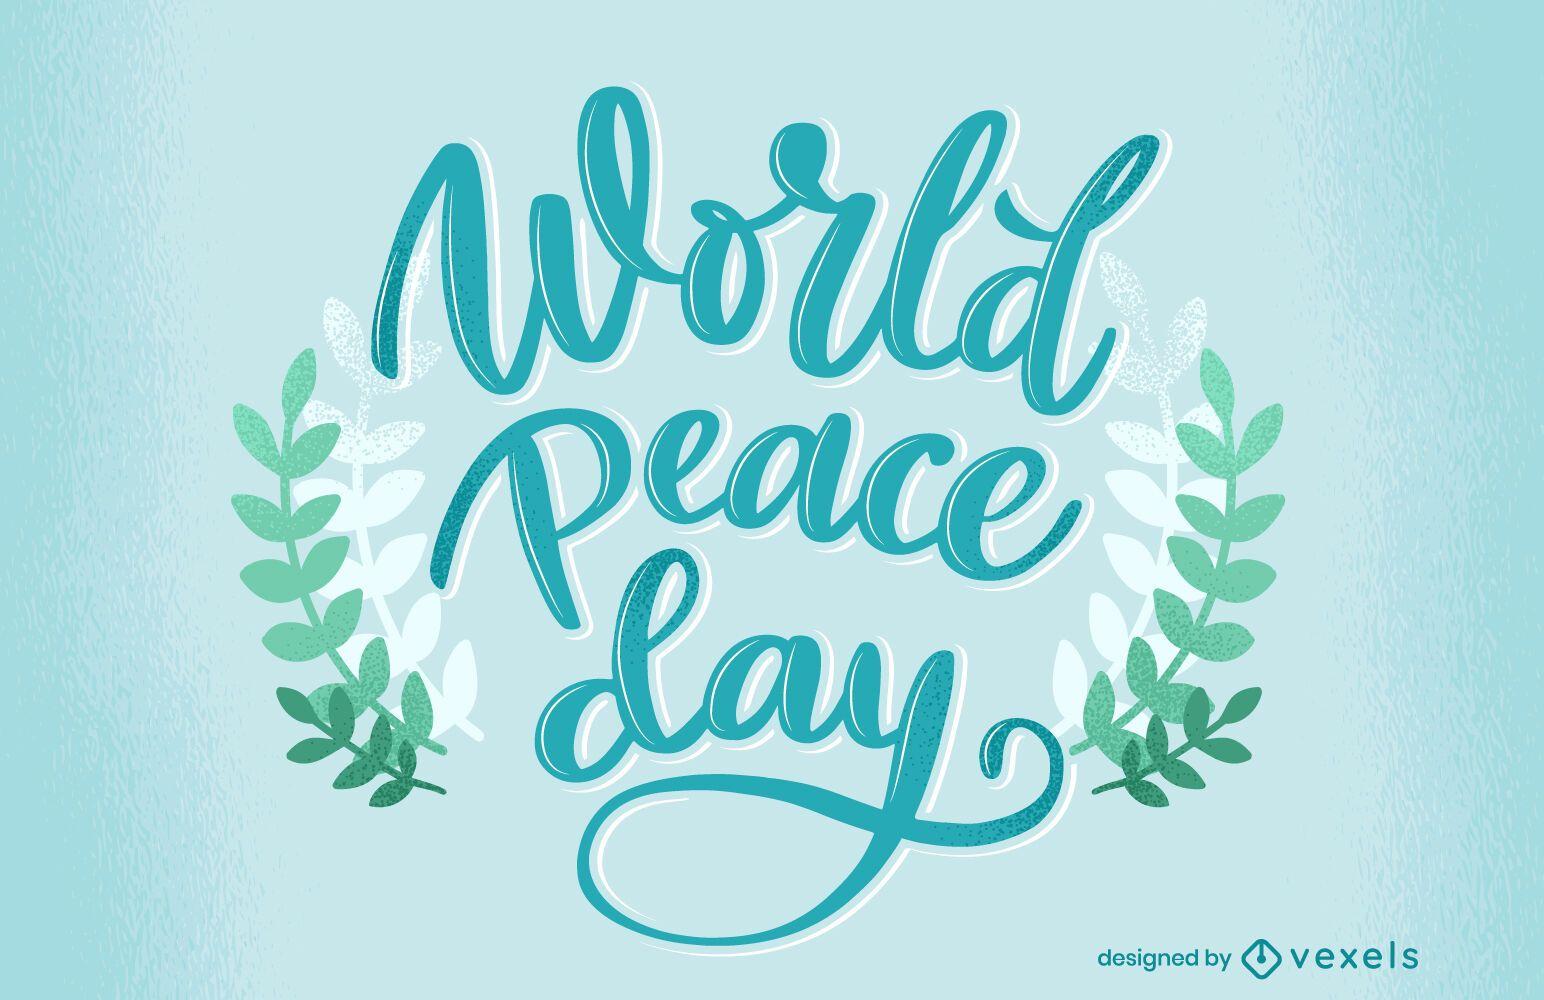 Dise?o de letras del d?a mundial de la paz